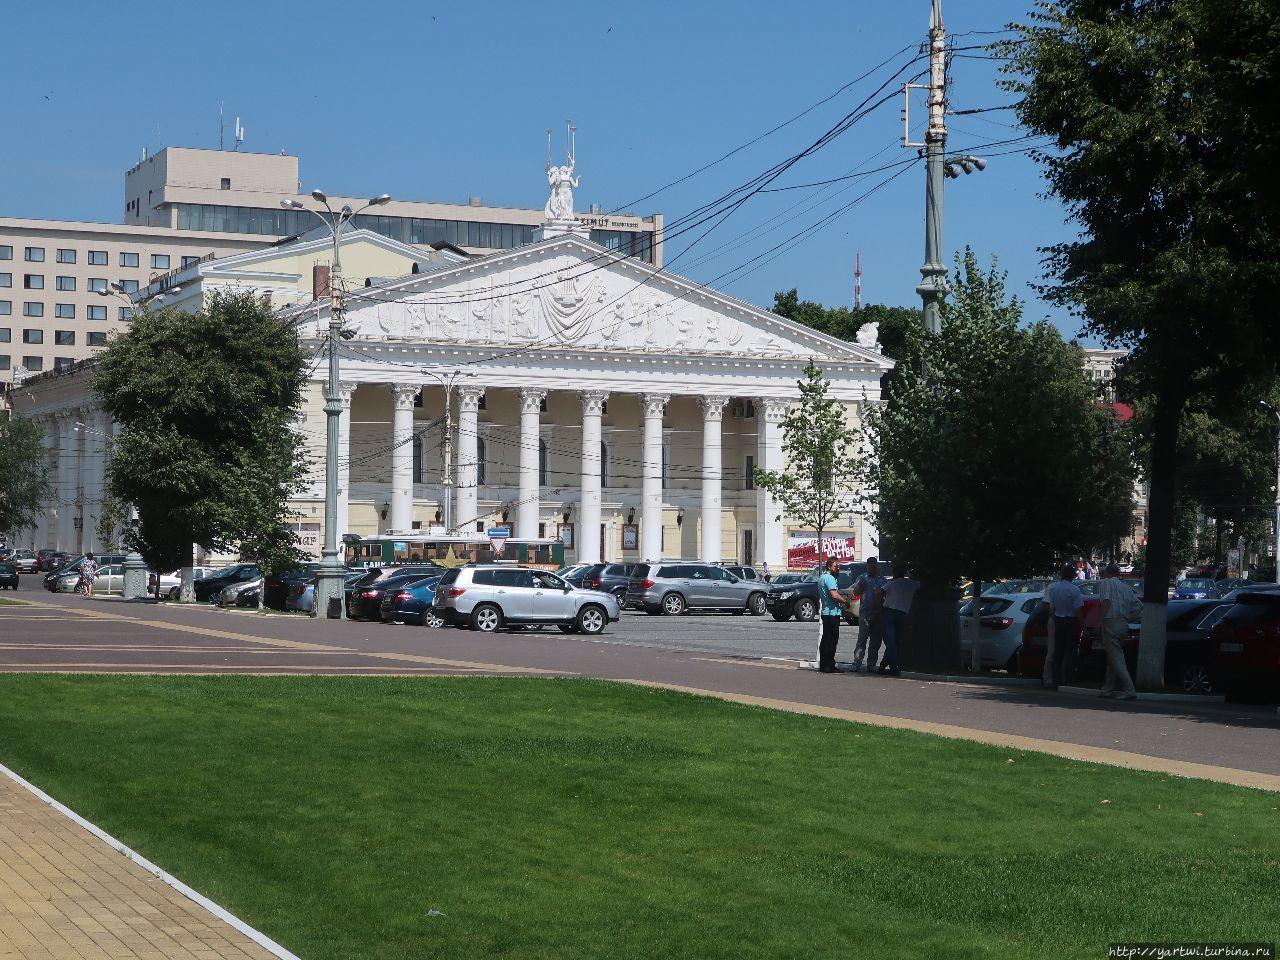 Воронеж: скверы, писатели, поэты и храмы